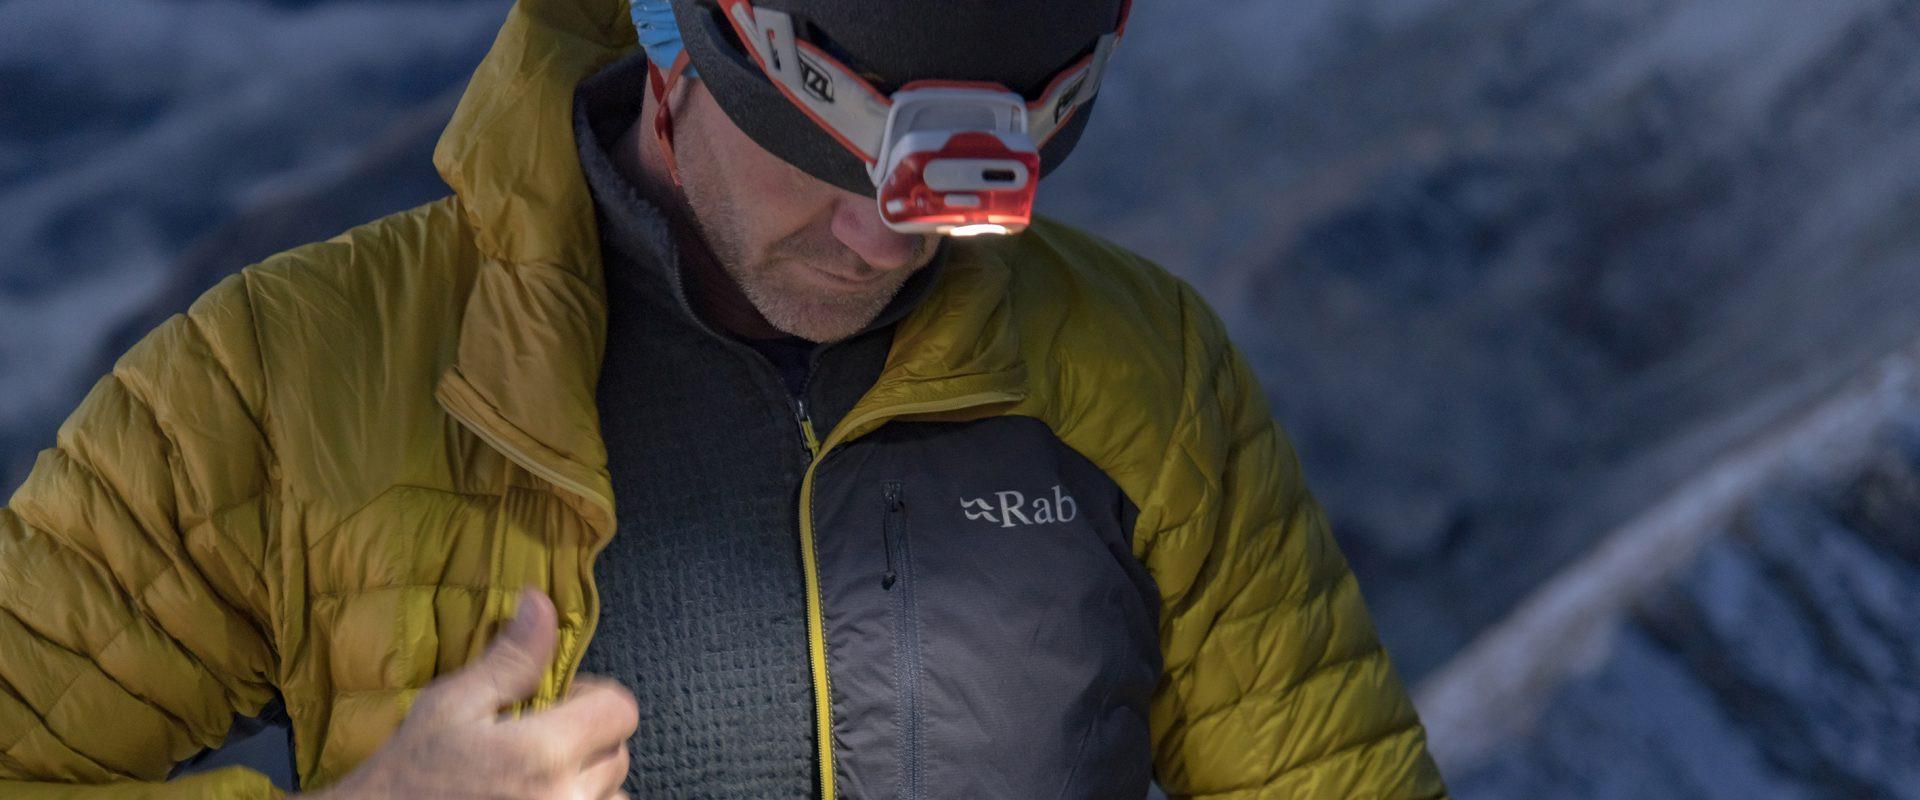 Das Rab Kaon Jacket - eine perfekte Isolationsjacken-Lösung